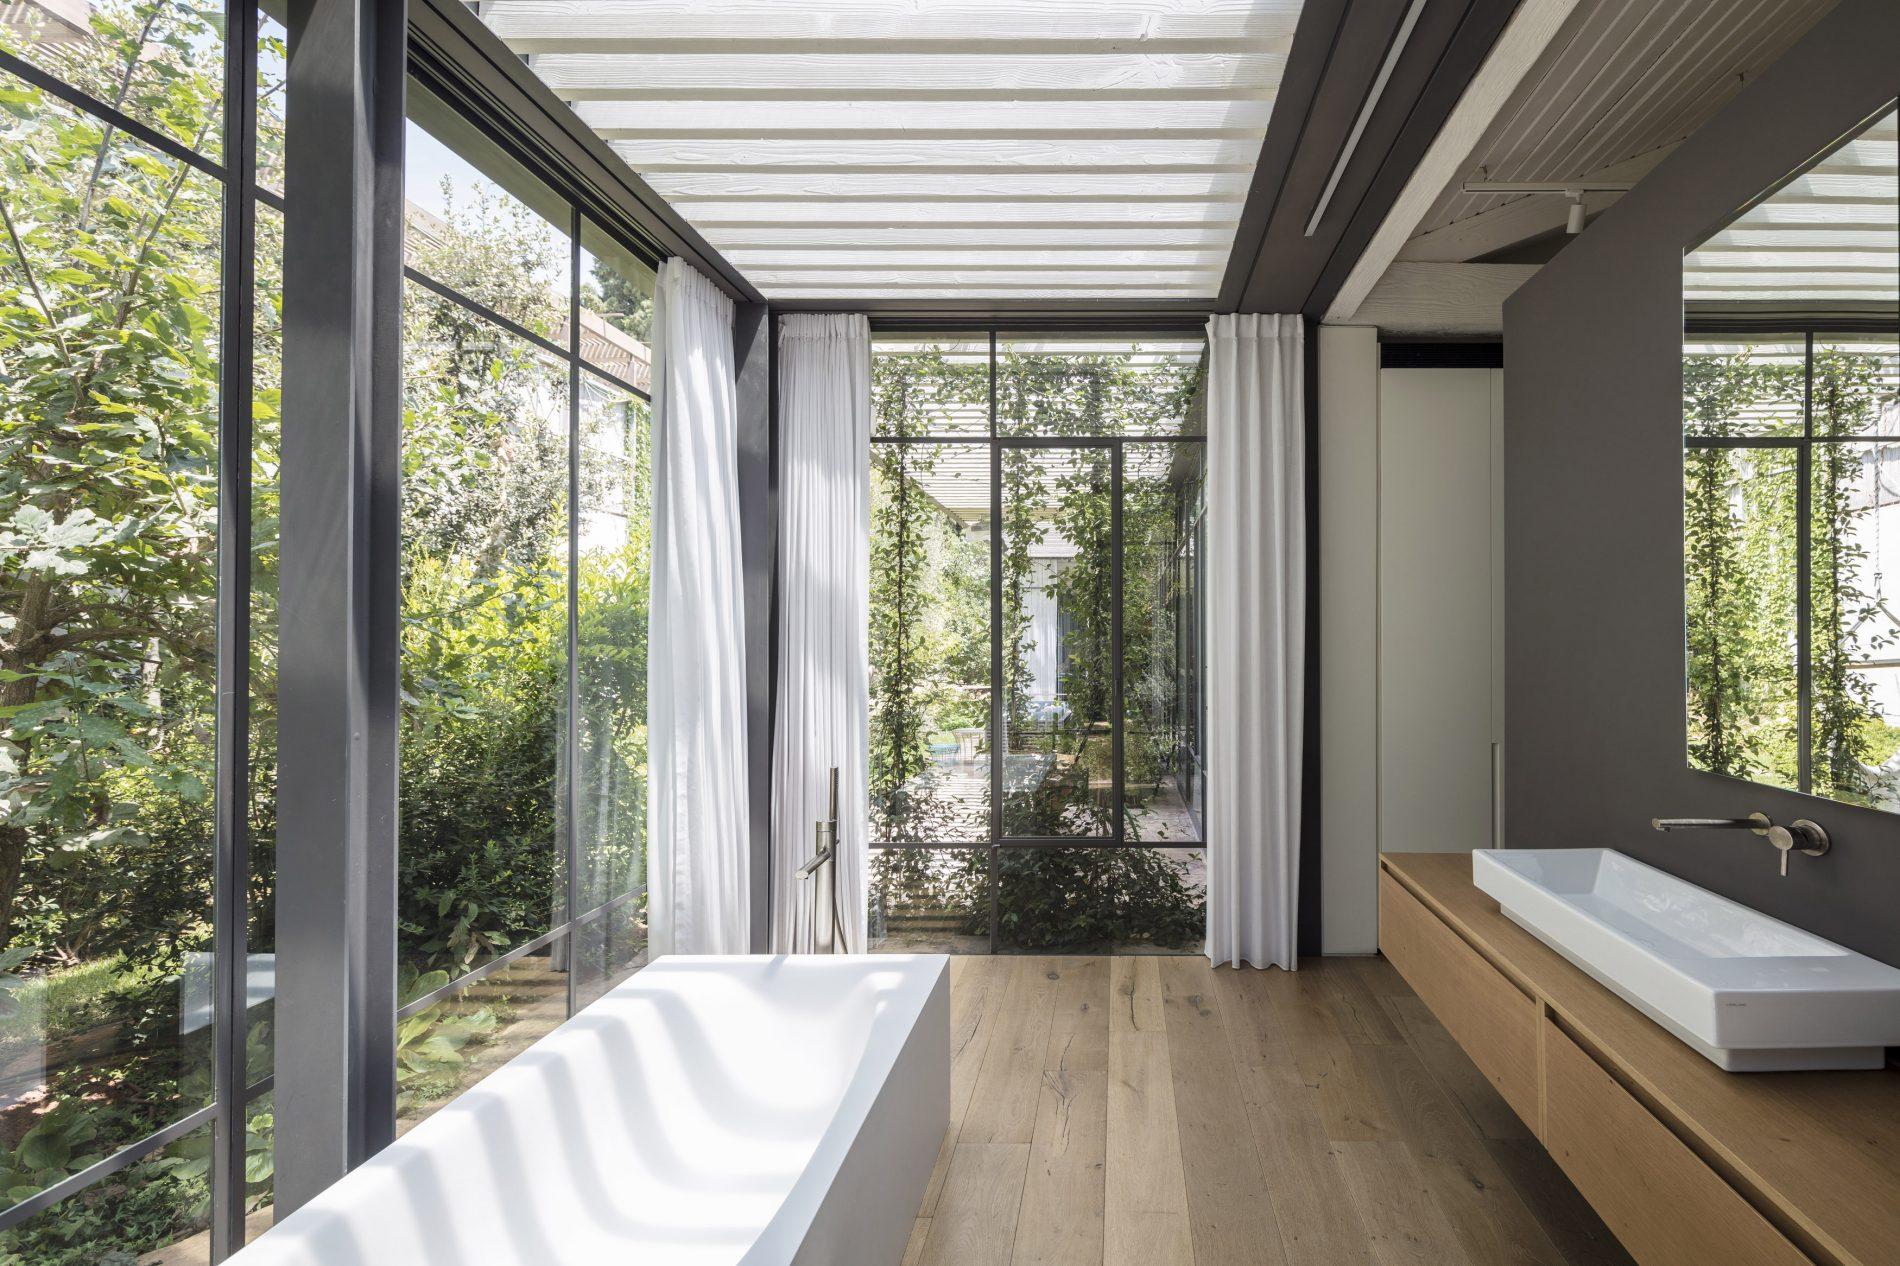 אמבט הורים עטוף בפרופיל בלגי שקוף, נותן הרגשה מרגשת של רחצה בטבע - בית הזכוכית